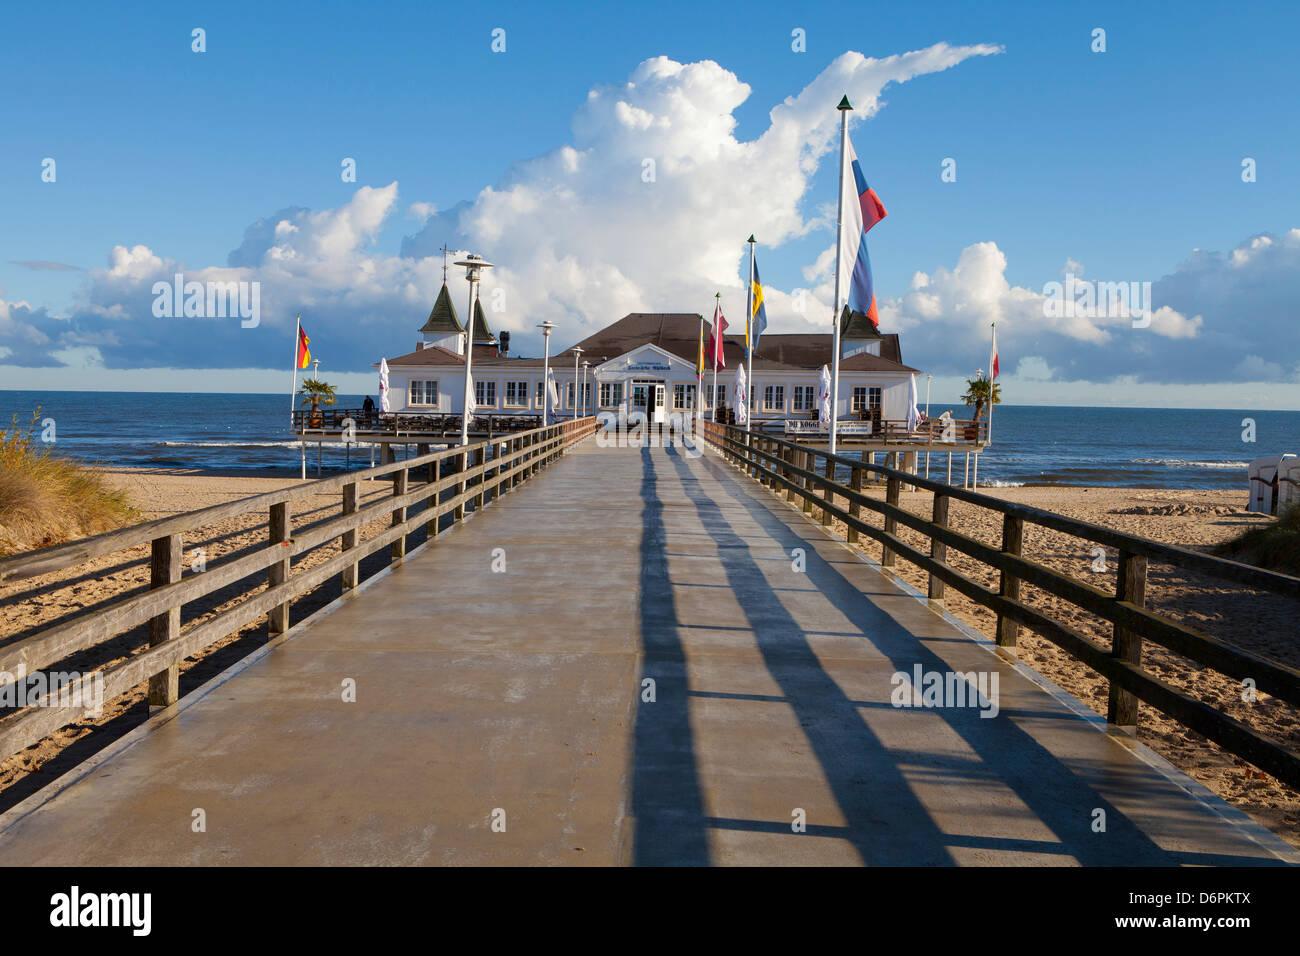 Historischen Pier in Ahlbeck auf der Insel Usedom, Ostseeküste, Mecklenburg-Vorpommern, Deutschland, Europa Stockbild